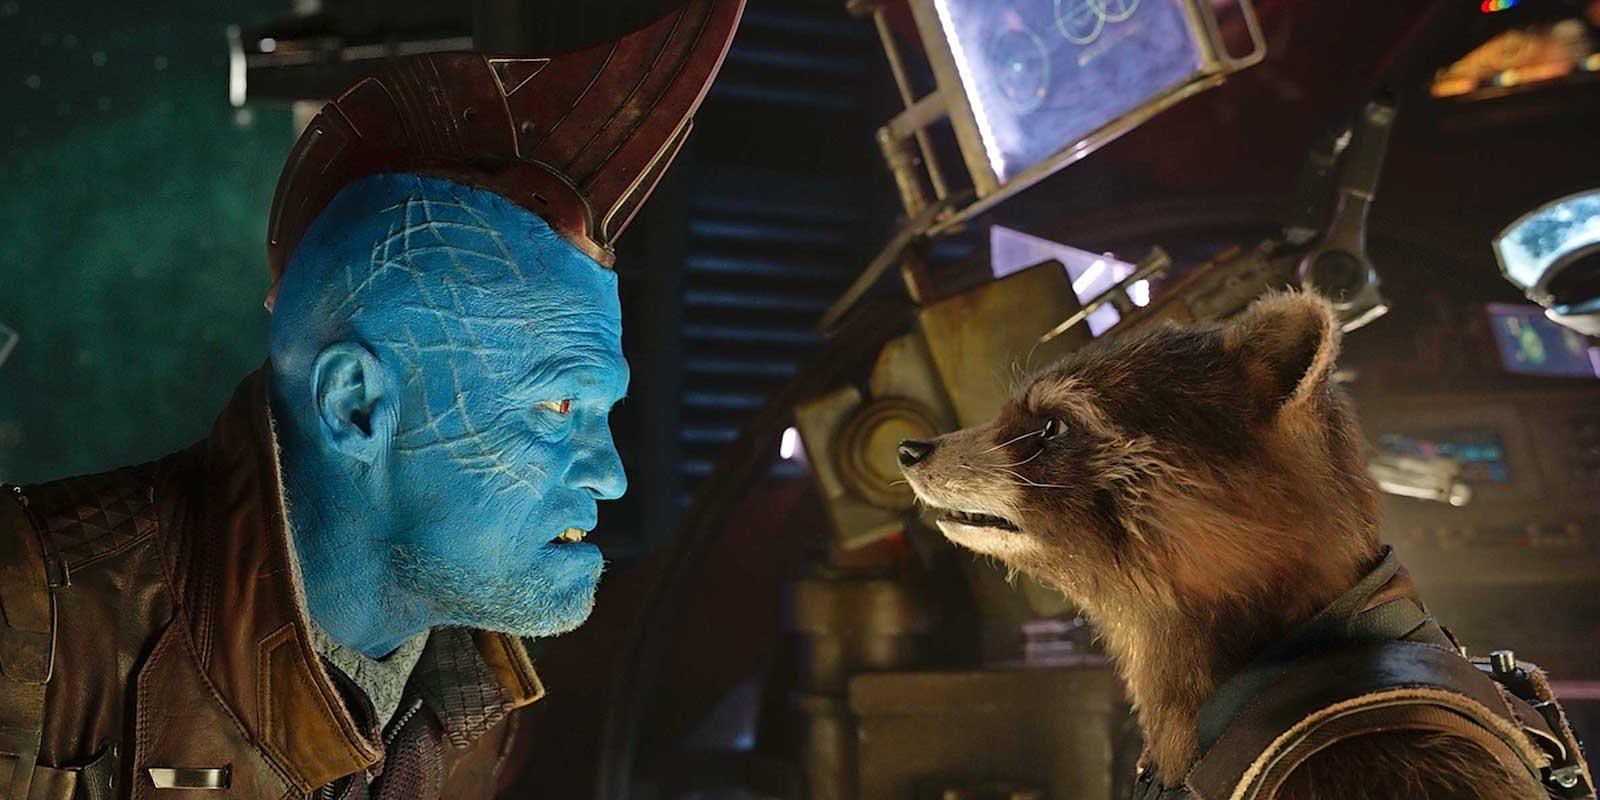 Guardiani della Galassia Vol. 2: una nuova foto di Yondu e Rocket